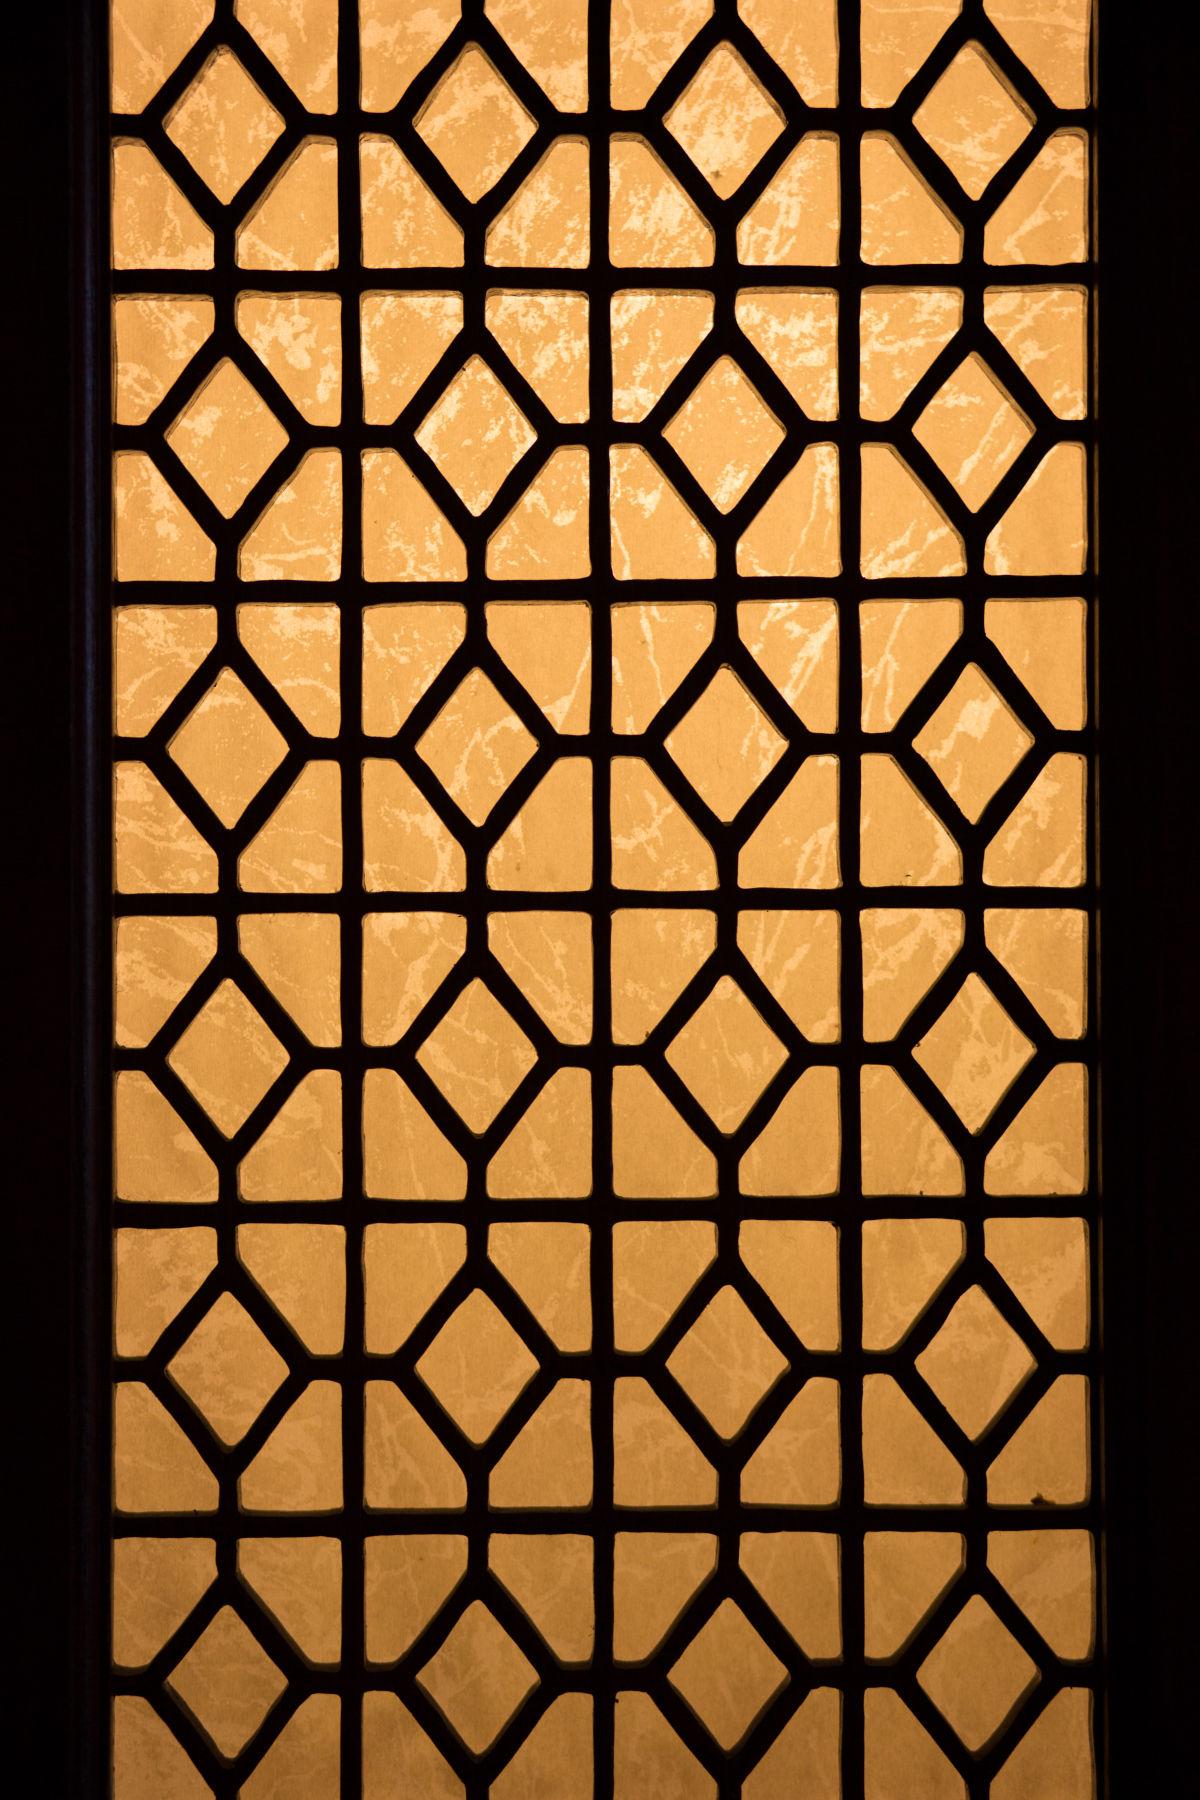 glasbauer-regensburg-gallery-kunstverglasung-bleiglas-413.jpg